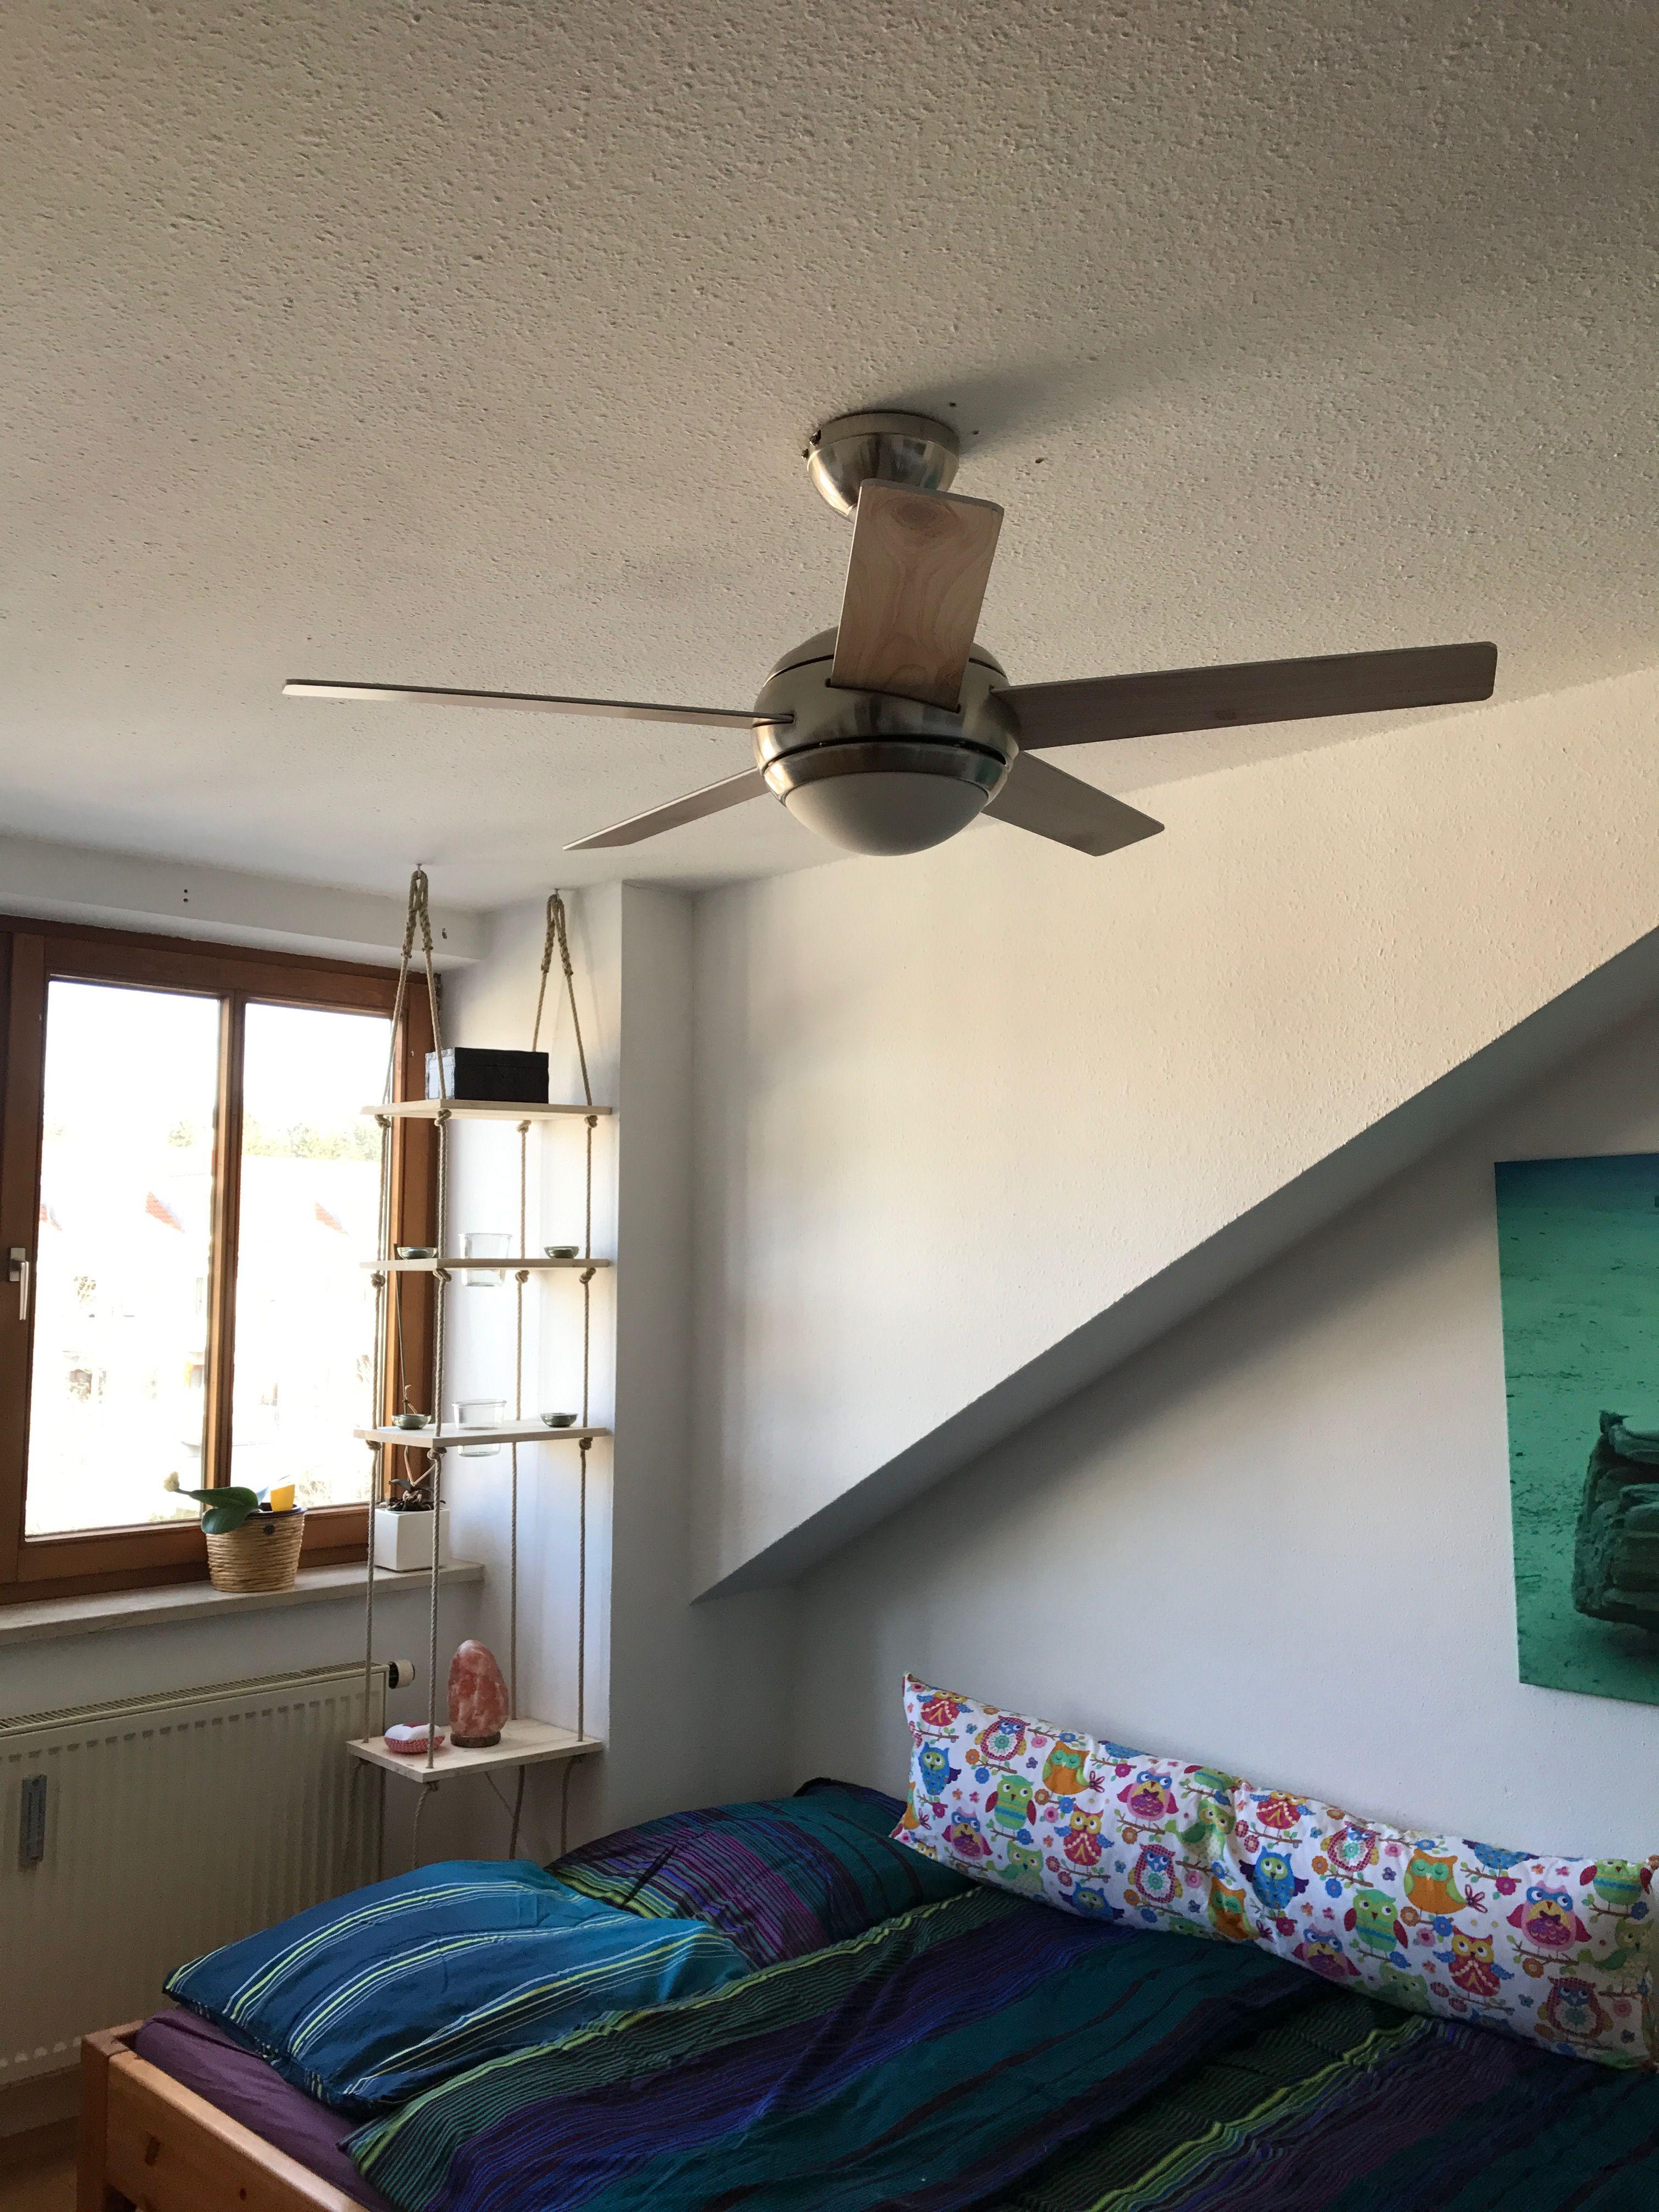 Ventilator an der Decke über dem Bett | Wohnzimmer / Schlafzimmer ...